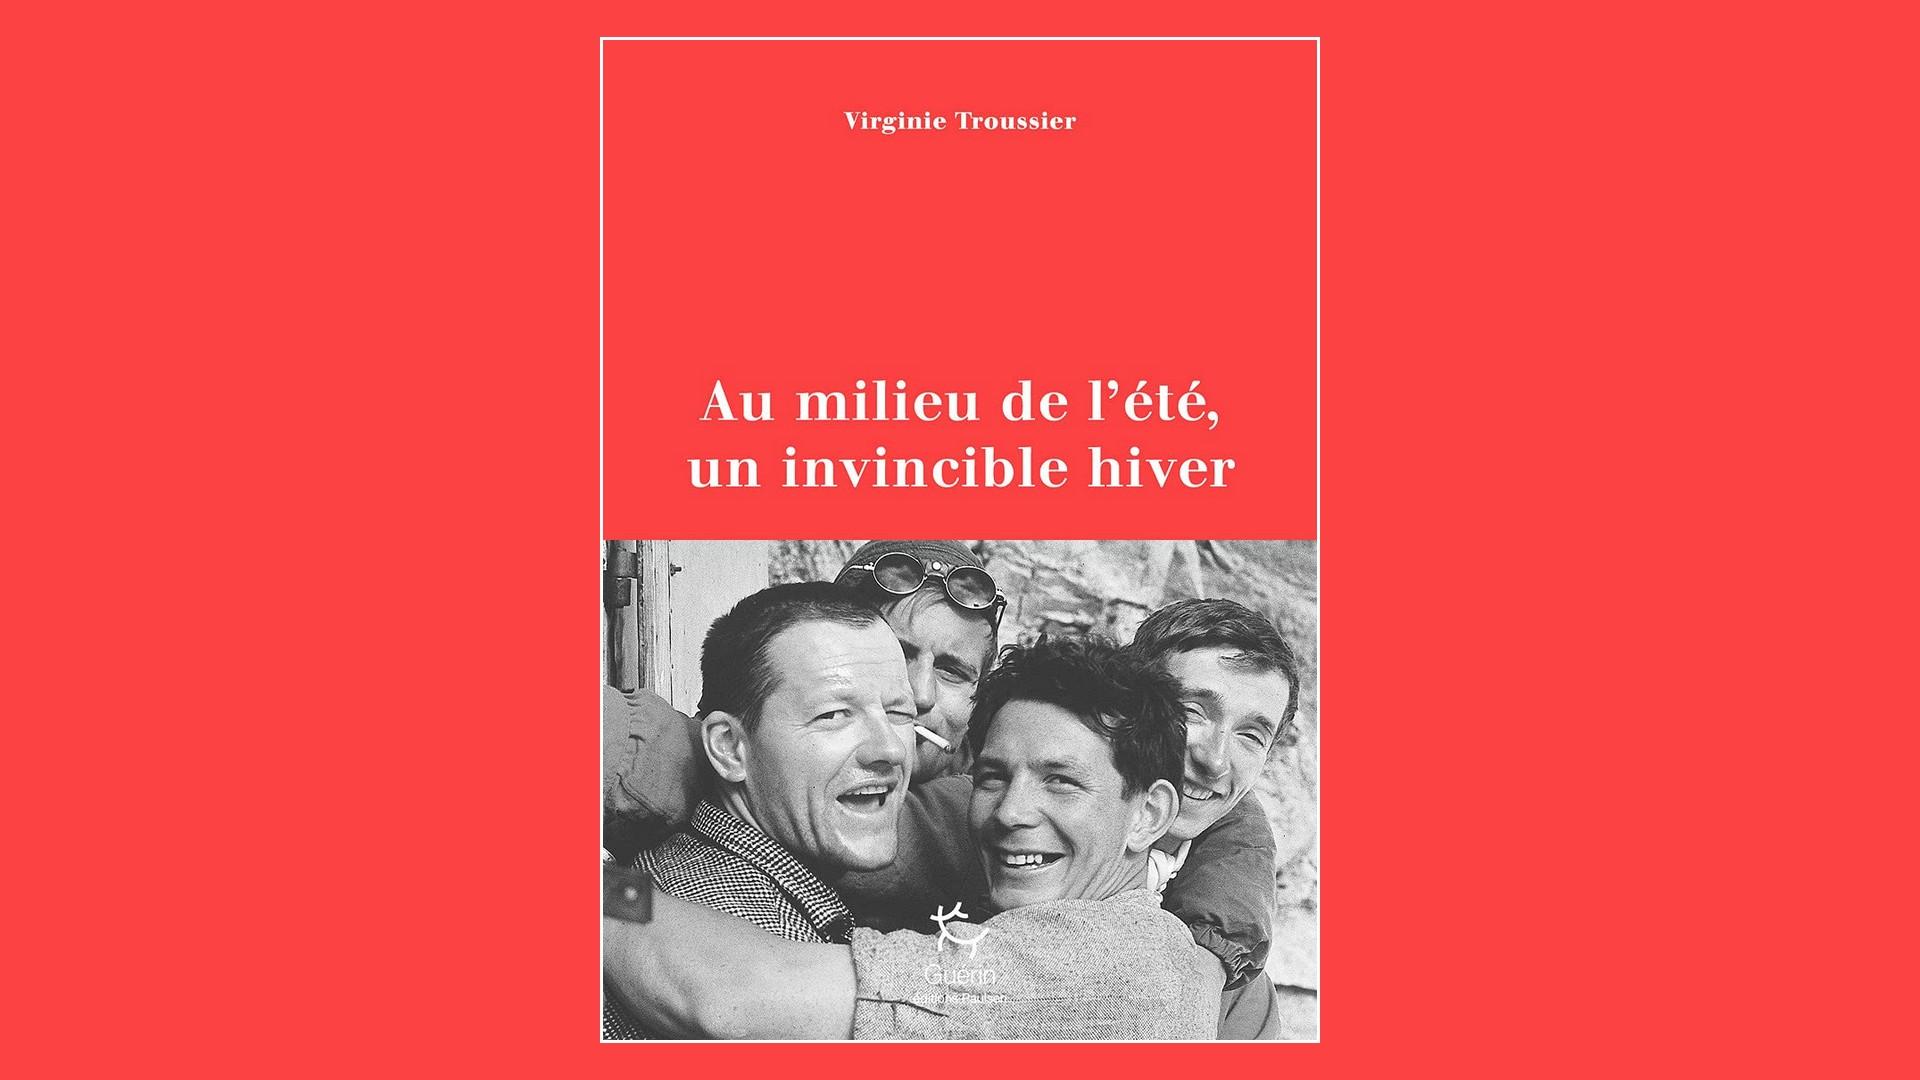 Livres – Au milieu de l'été, un invincible hiver – Virginie Troussier (2021)